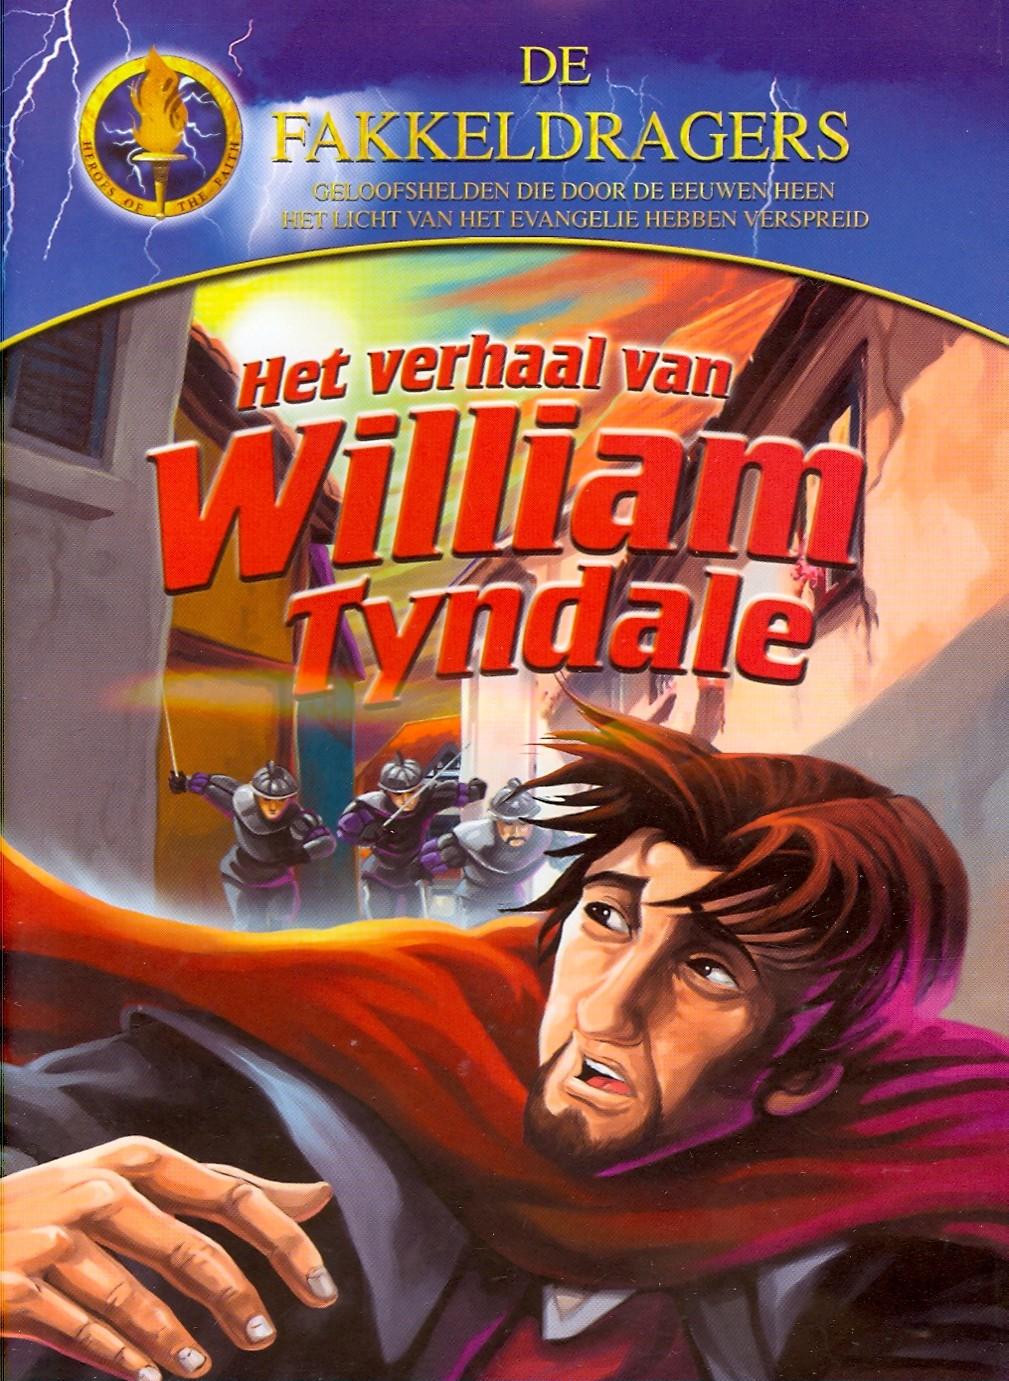 Het verhaal van William Tyndale